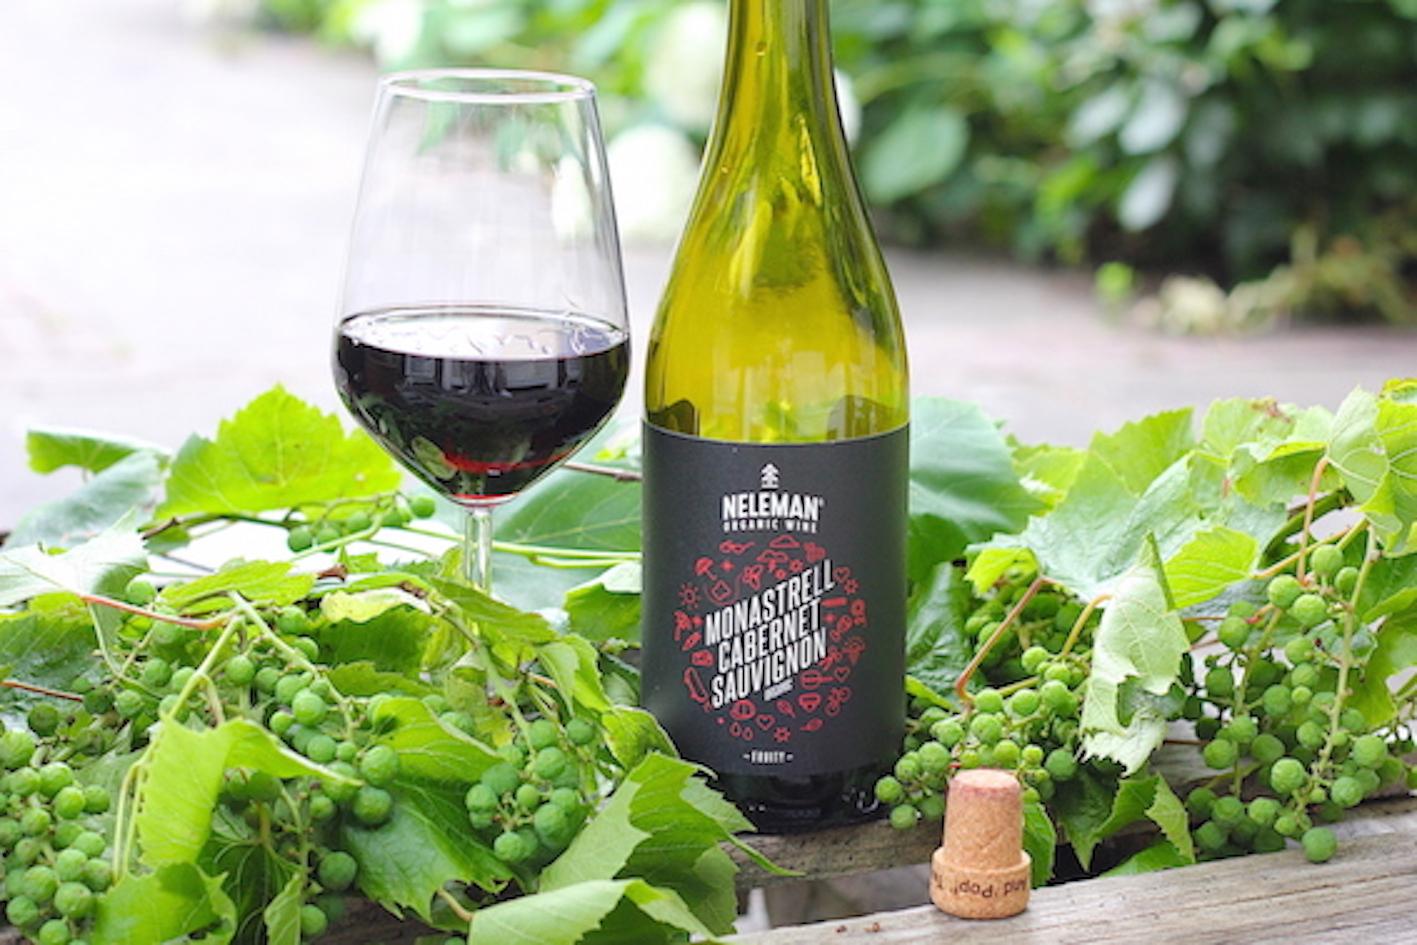 Neleman wijnen van de HEMA | ENJOY! The Good Life